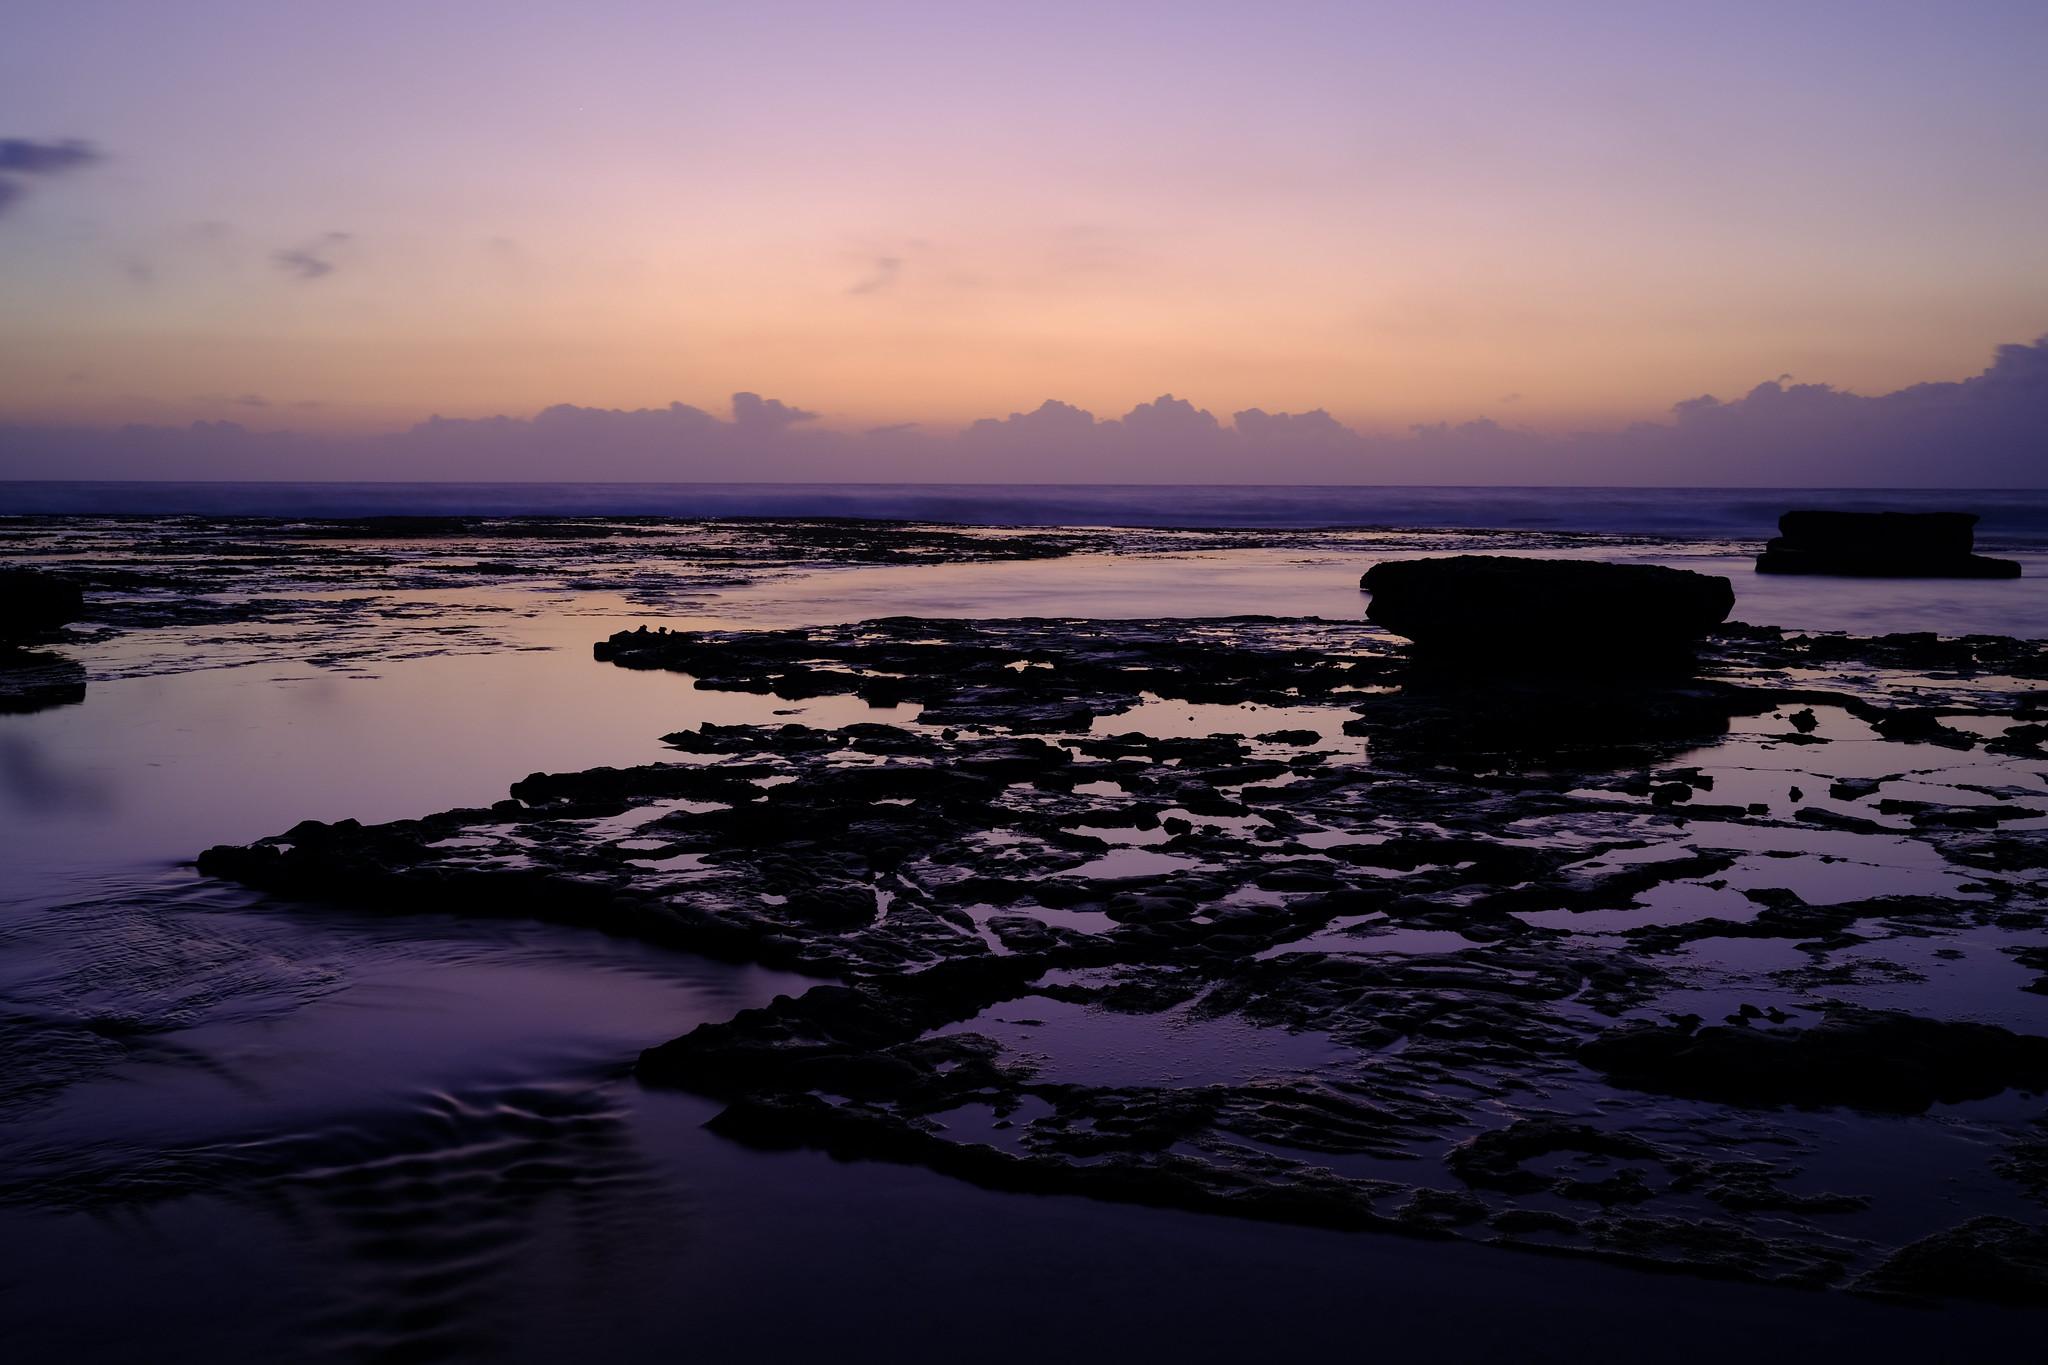 Toowoon Bay